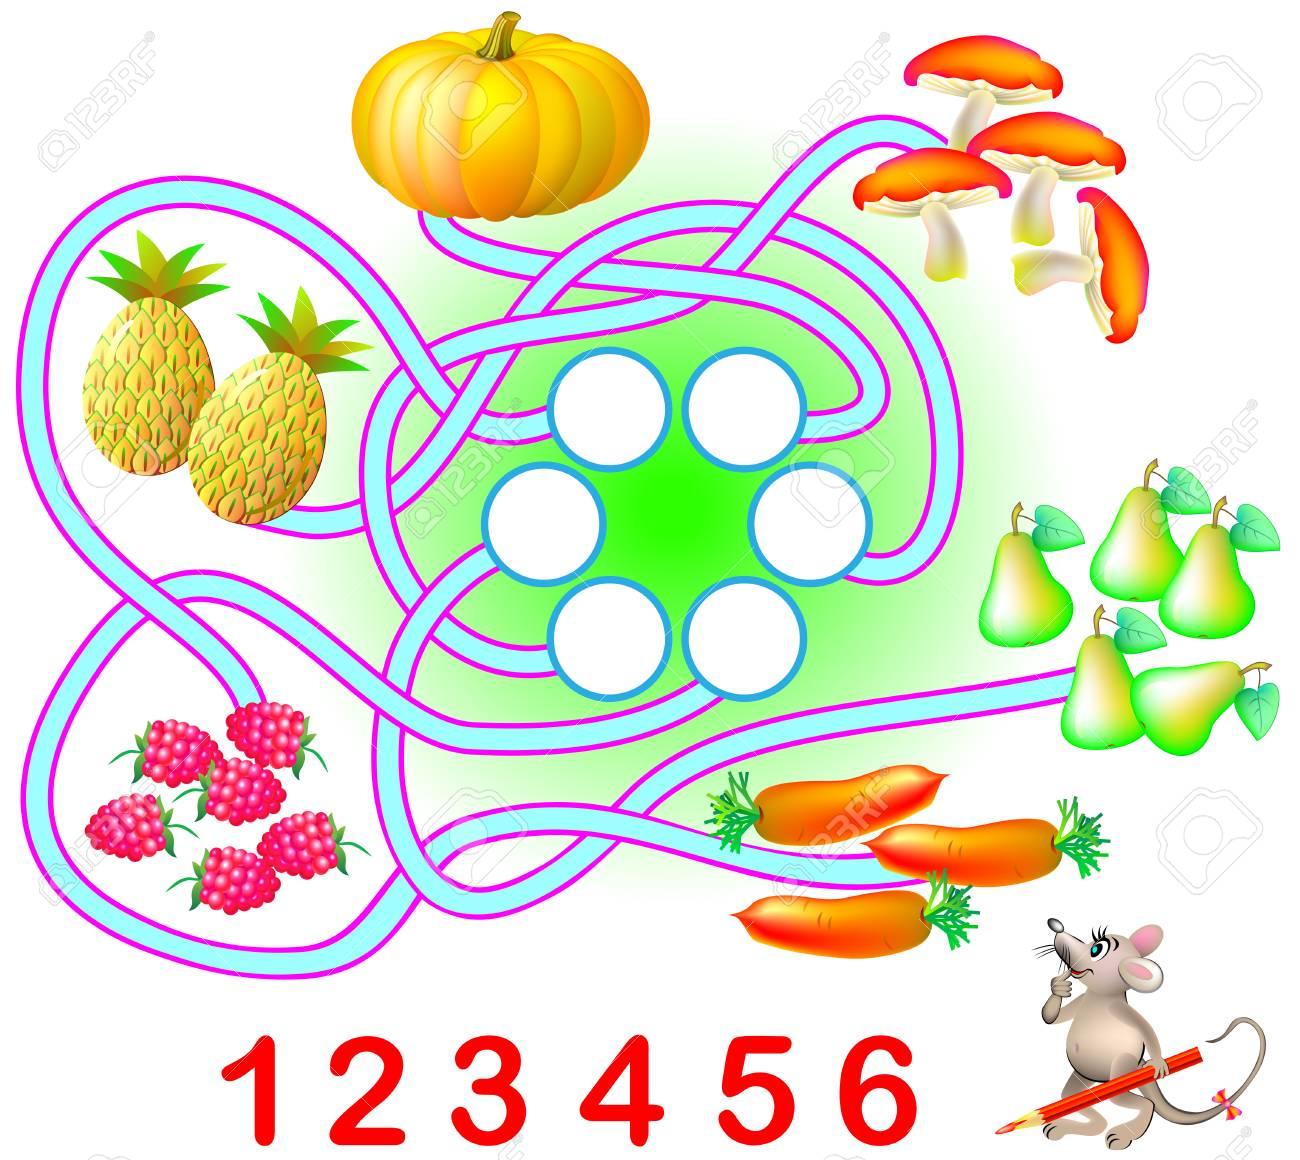 Esercizio Logico Per Bambini Piccoli è Necessario Contare La Quantità Di Ciascun Prodotto E Scrivere I Numeri Corrispondenti In Cerchi Immagine